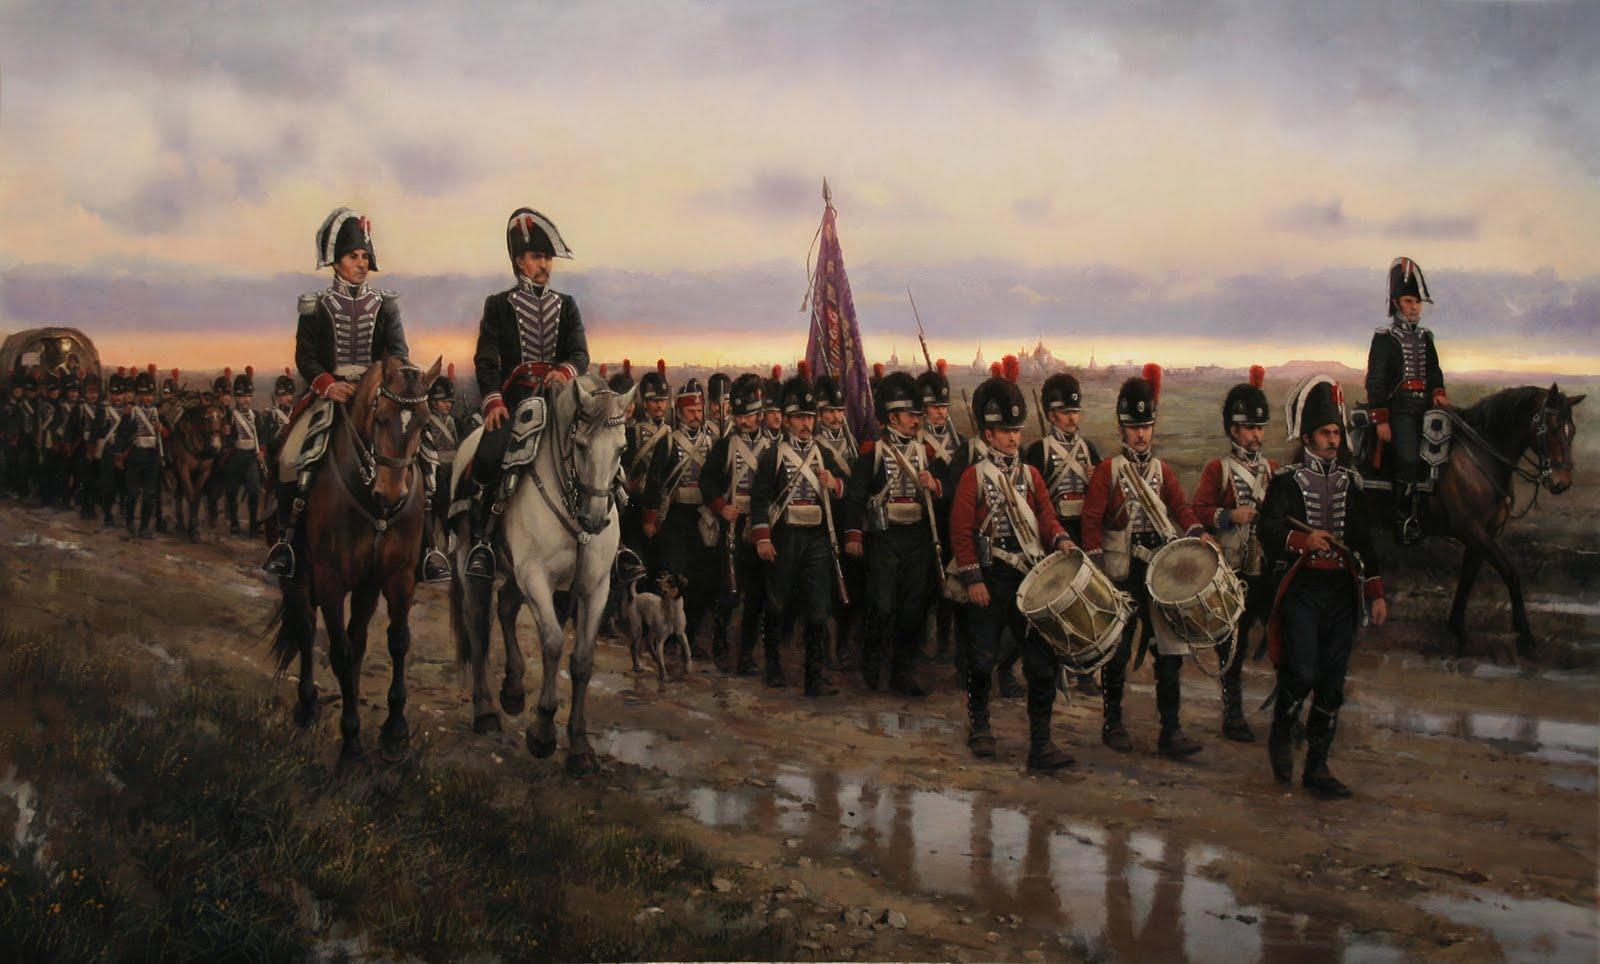 La 7ª División de Zaragoza está reclutando! Ingenierosred2